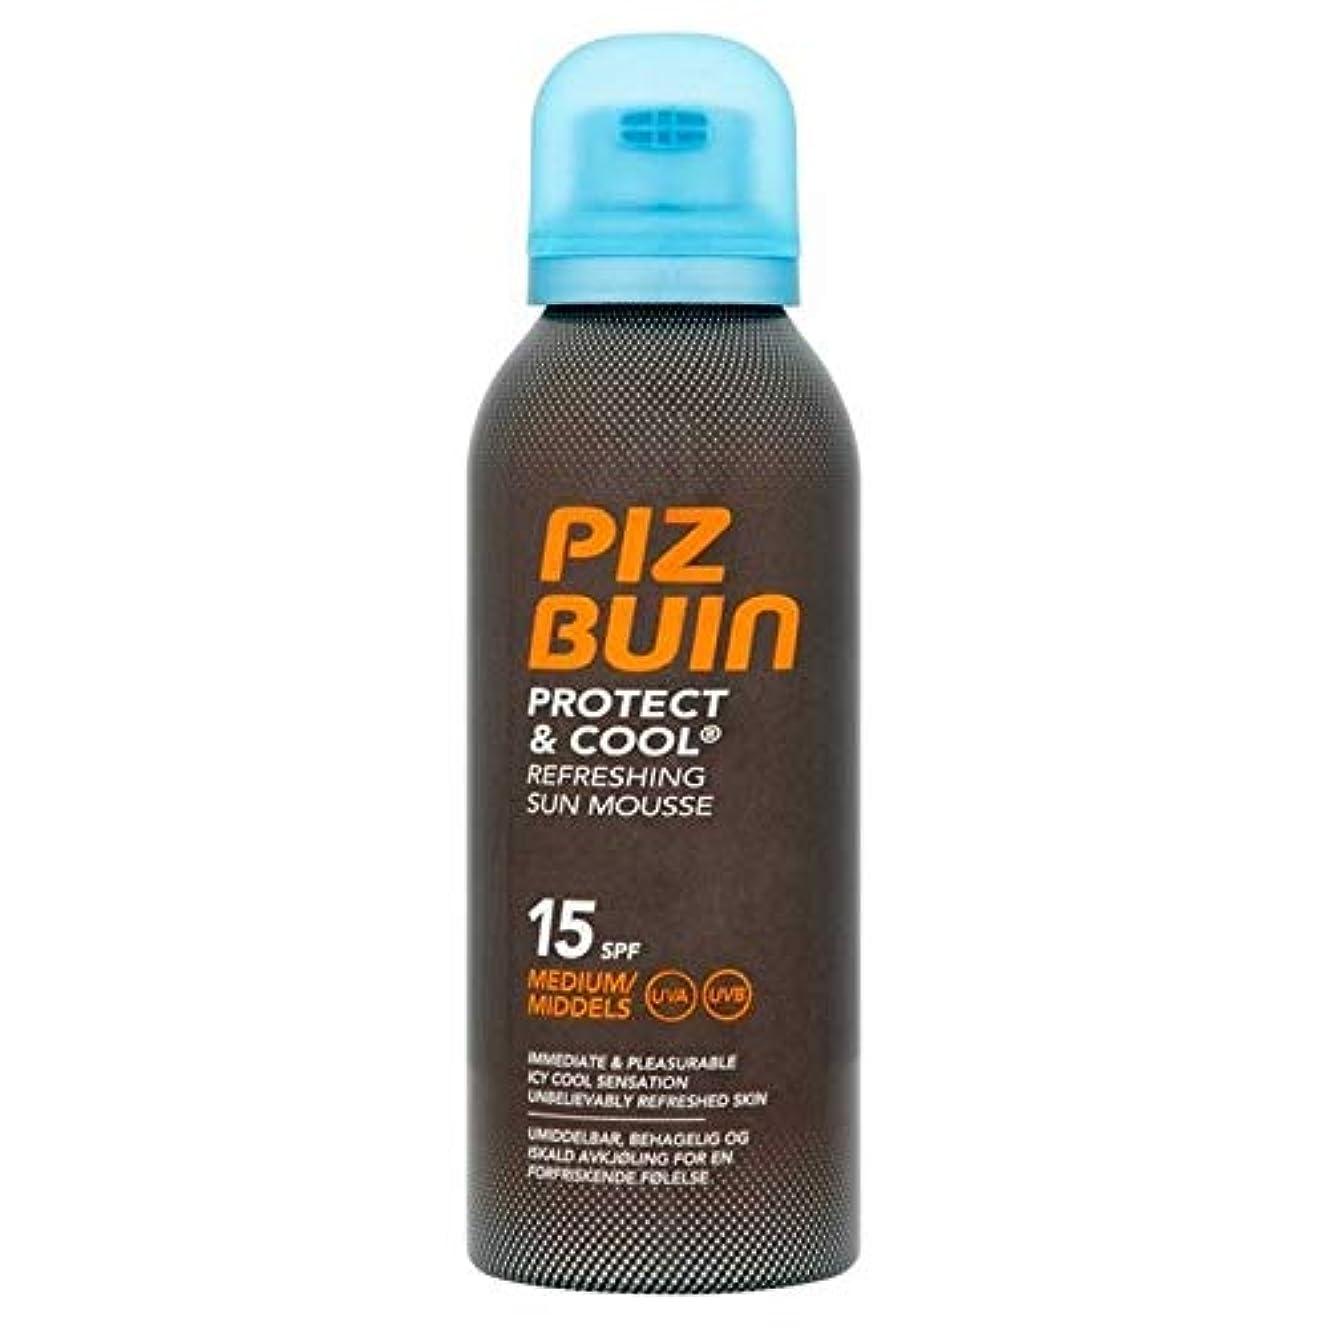 委員会ふくろう領事館[Piz Buin] ピッツのBuinのは、太陽のムースSpf15の150ミリリットルを保護&クール - Piz Buin Protect & Cool Sun Mousse SPF15 150ml [並行輸入品]